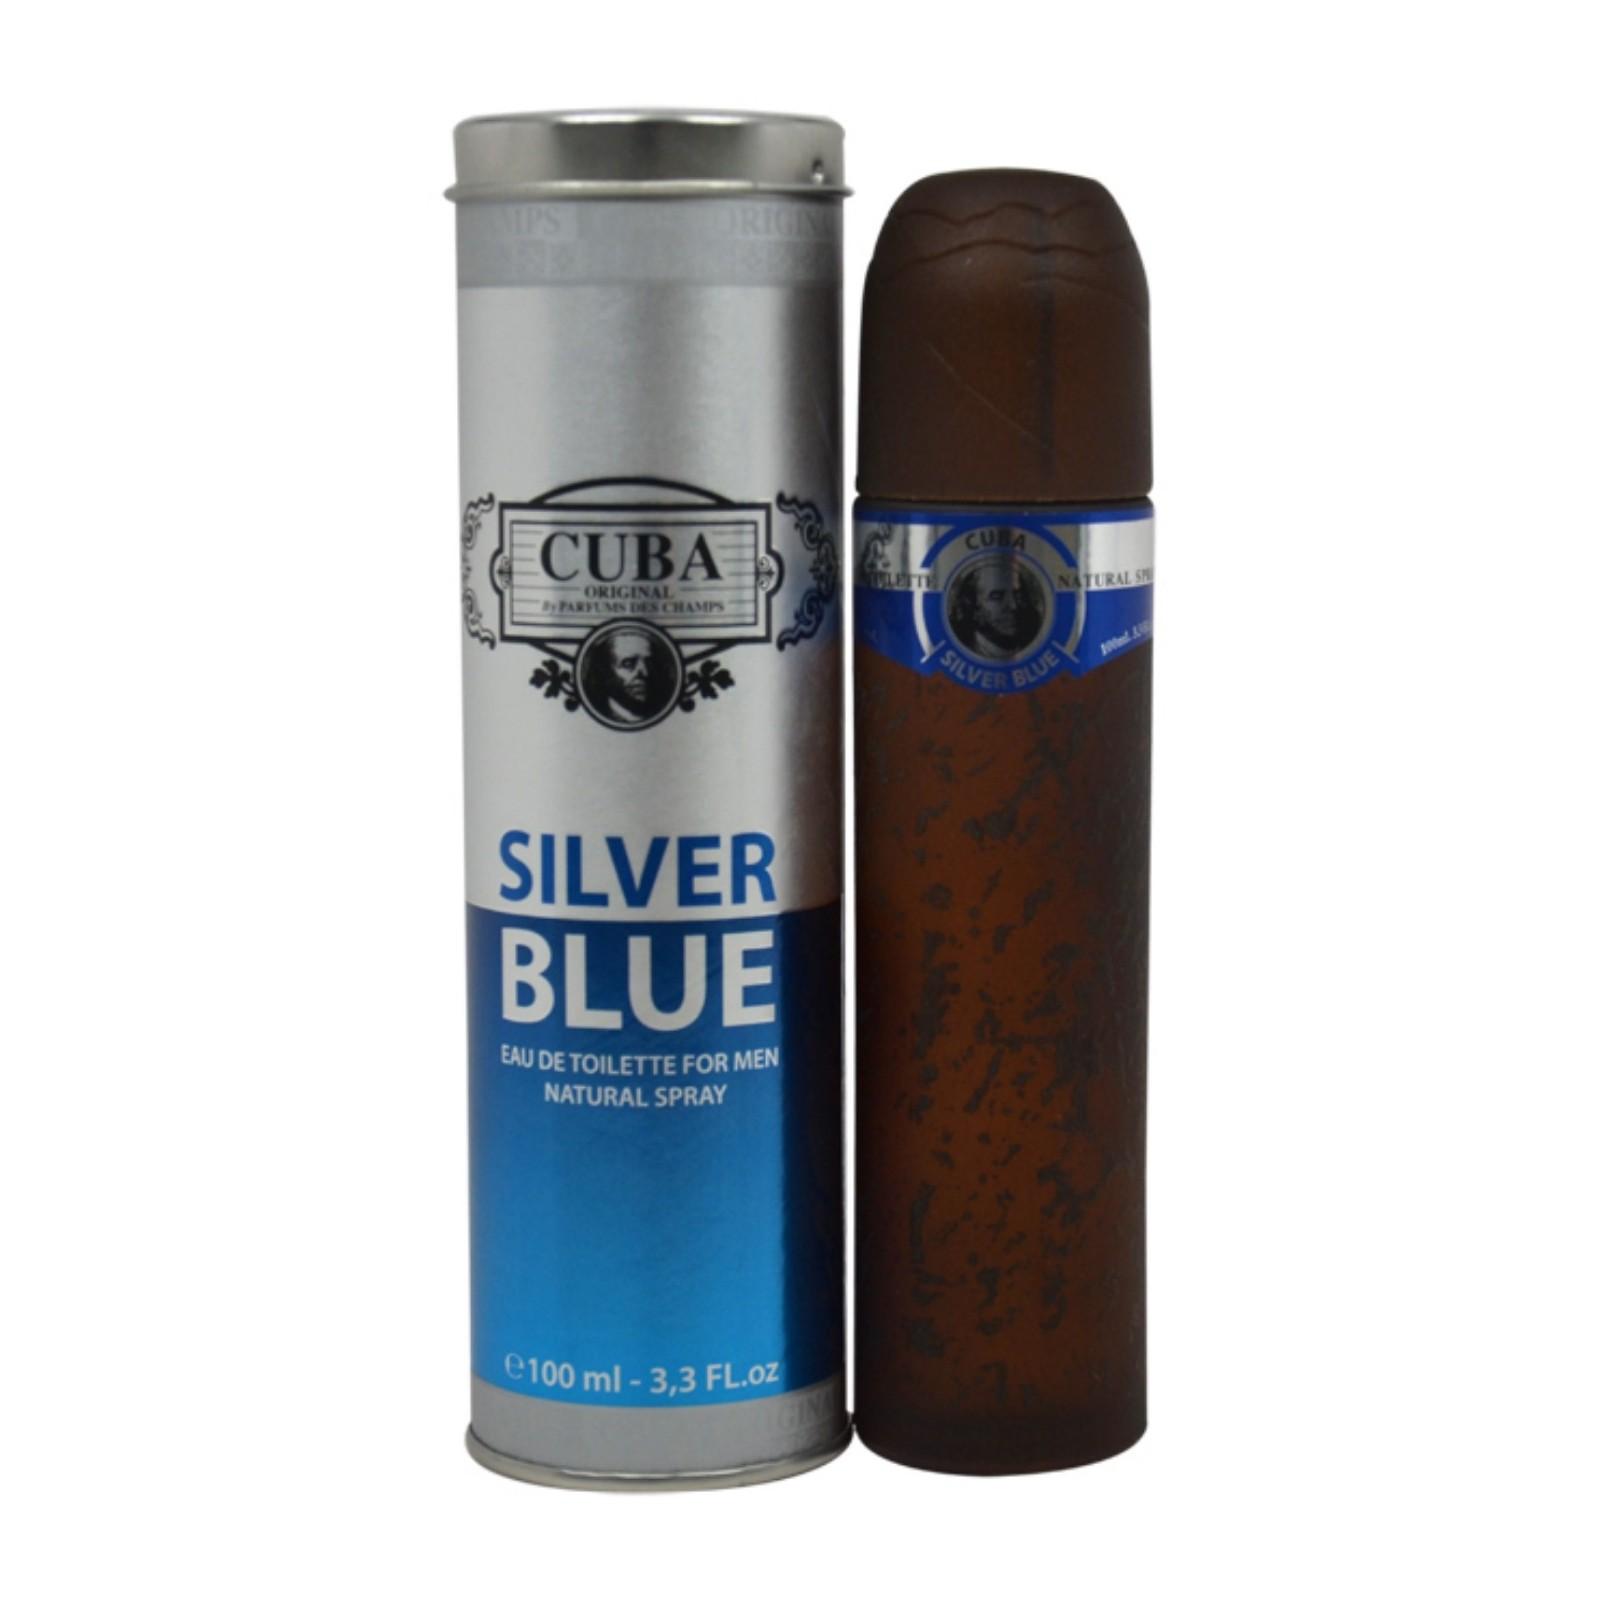 cuba cuba silver blue